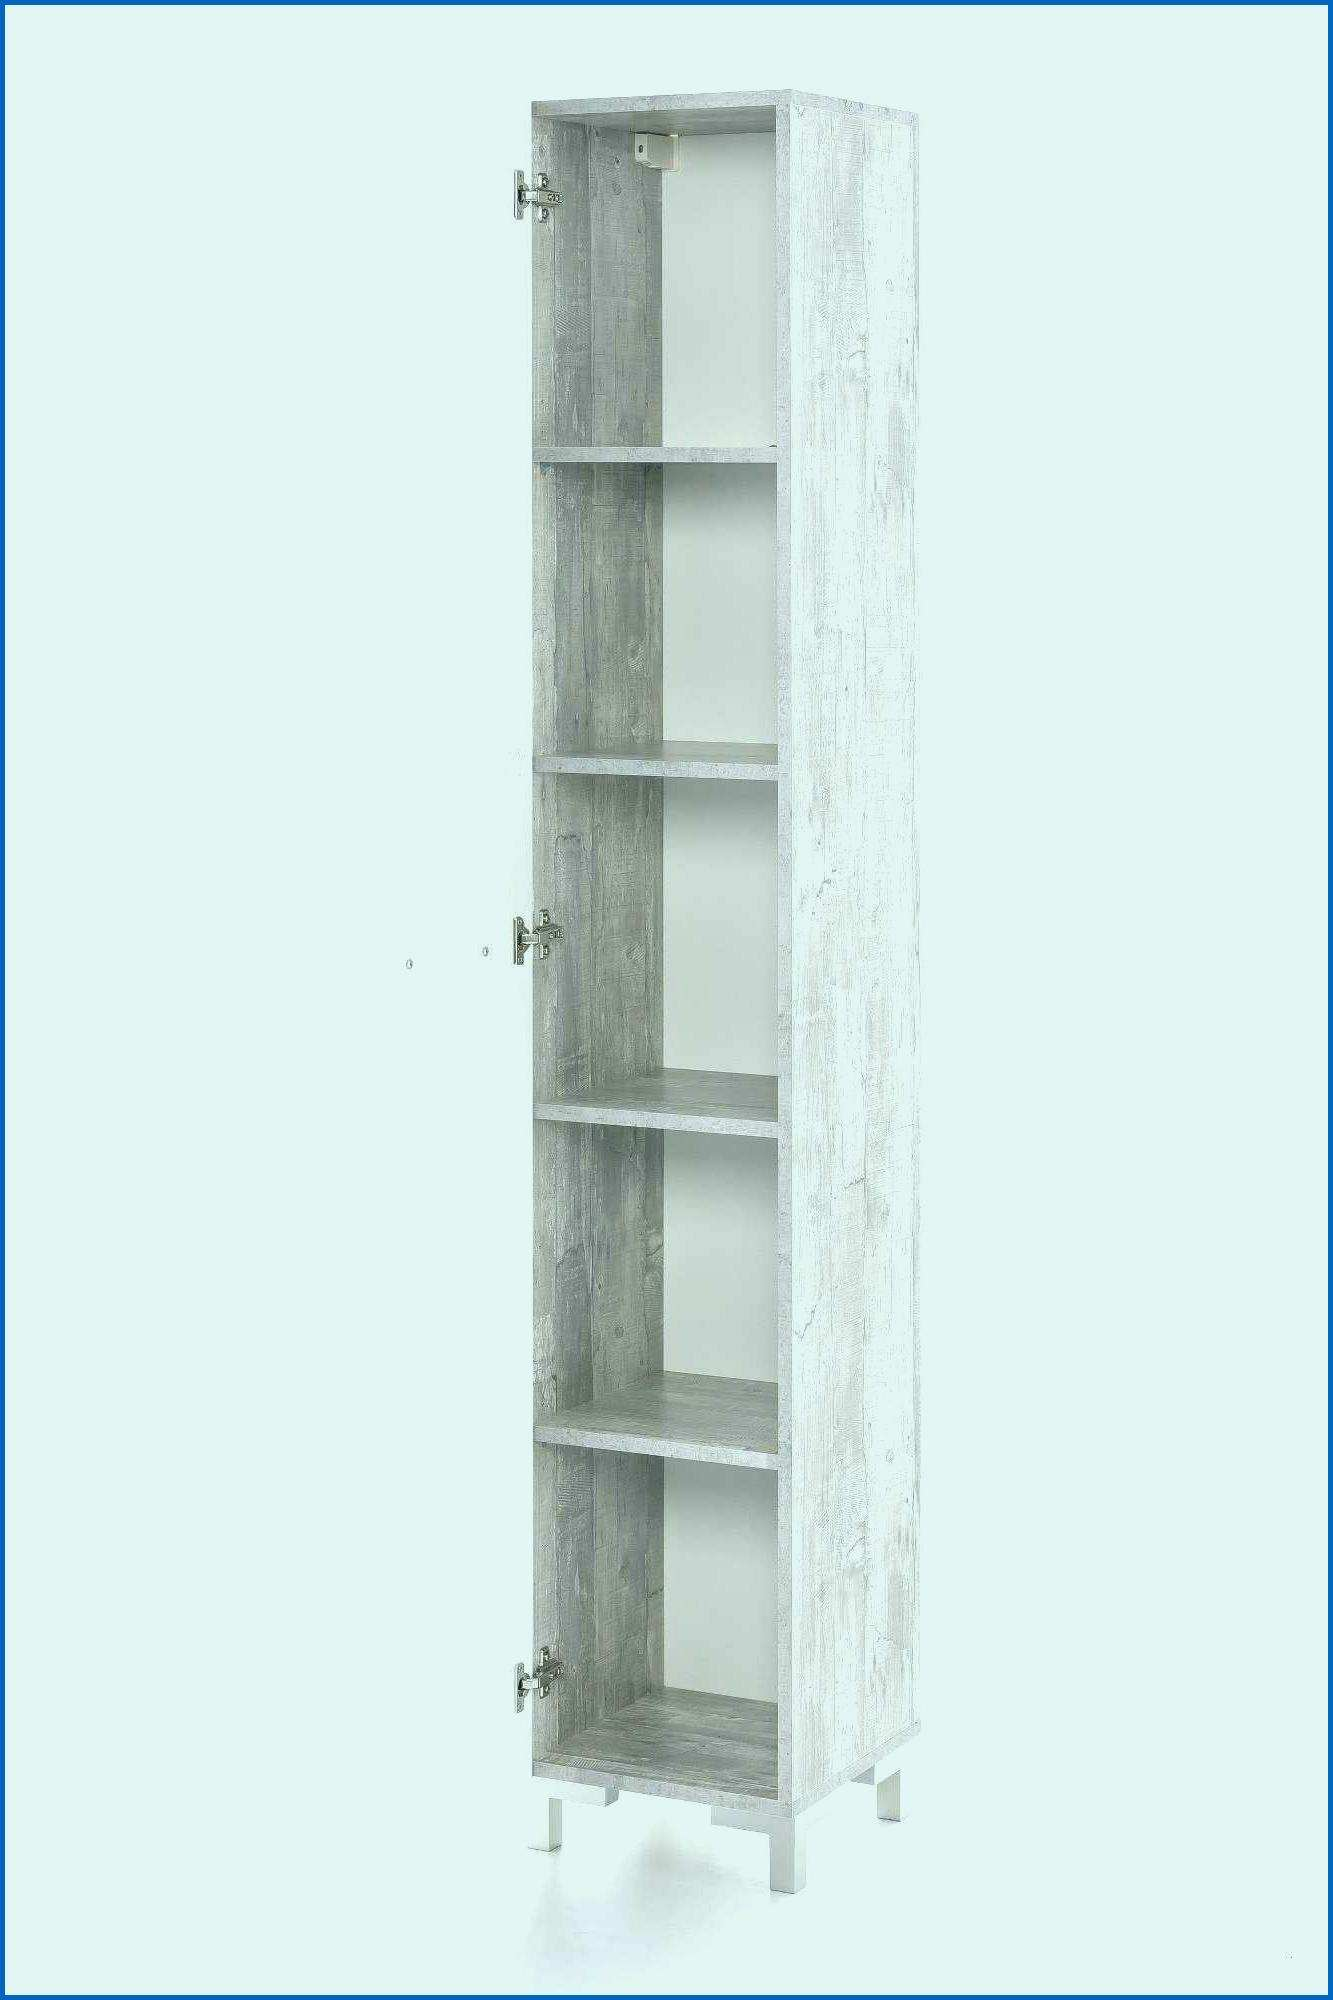 Full Size of Regal 25 Cm Tief Breit With Perfect 80 Hoch Raumteiler Wandregal Küche Gastro Kinderzimmer Weiß Hochglanz Cd Holz Mit Schubladen Regale Aus Kisten 60 Regal Regal 25 Cm Tief